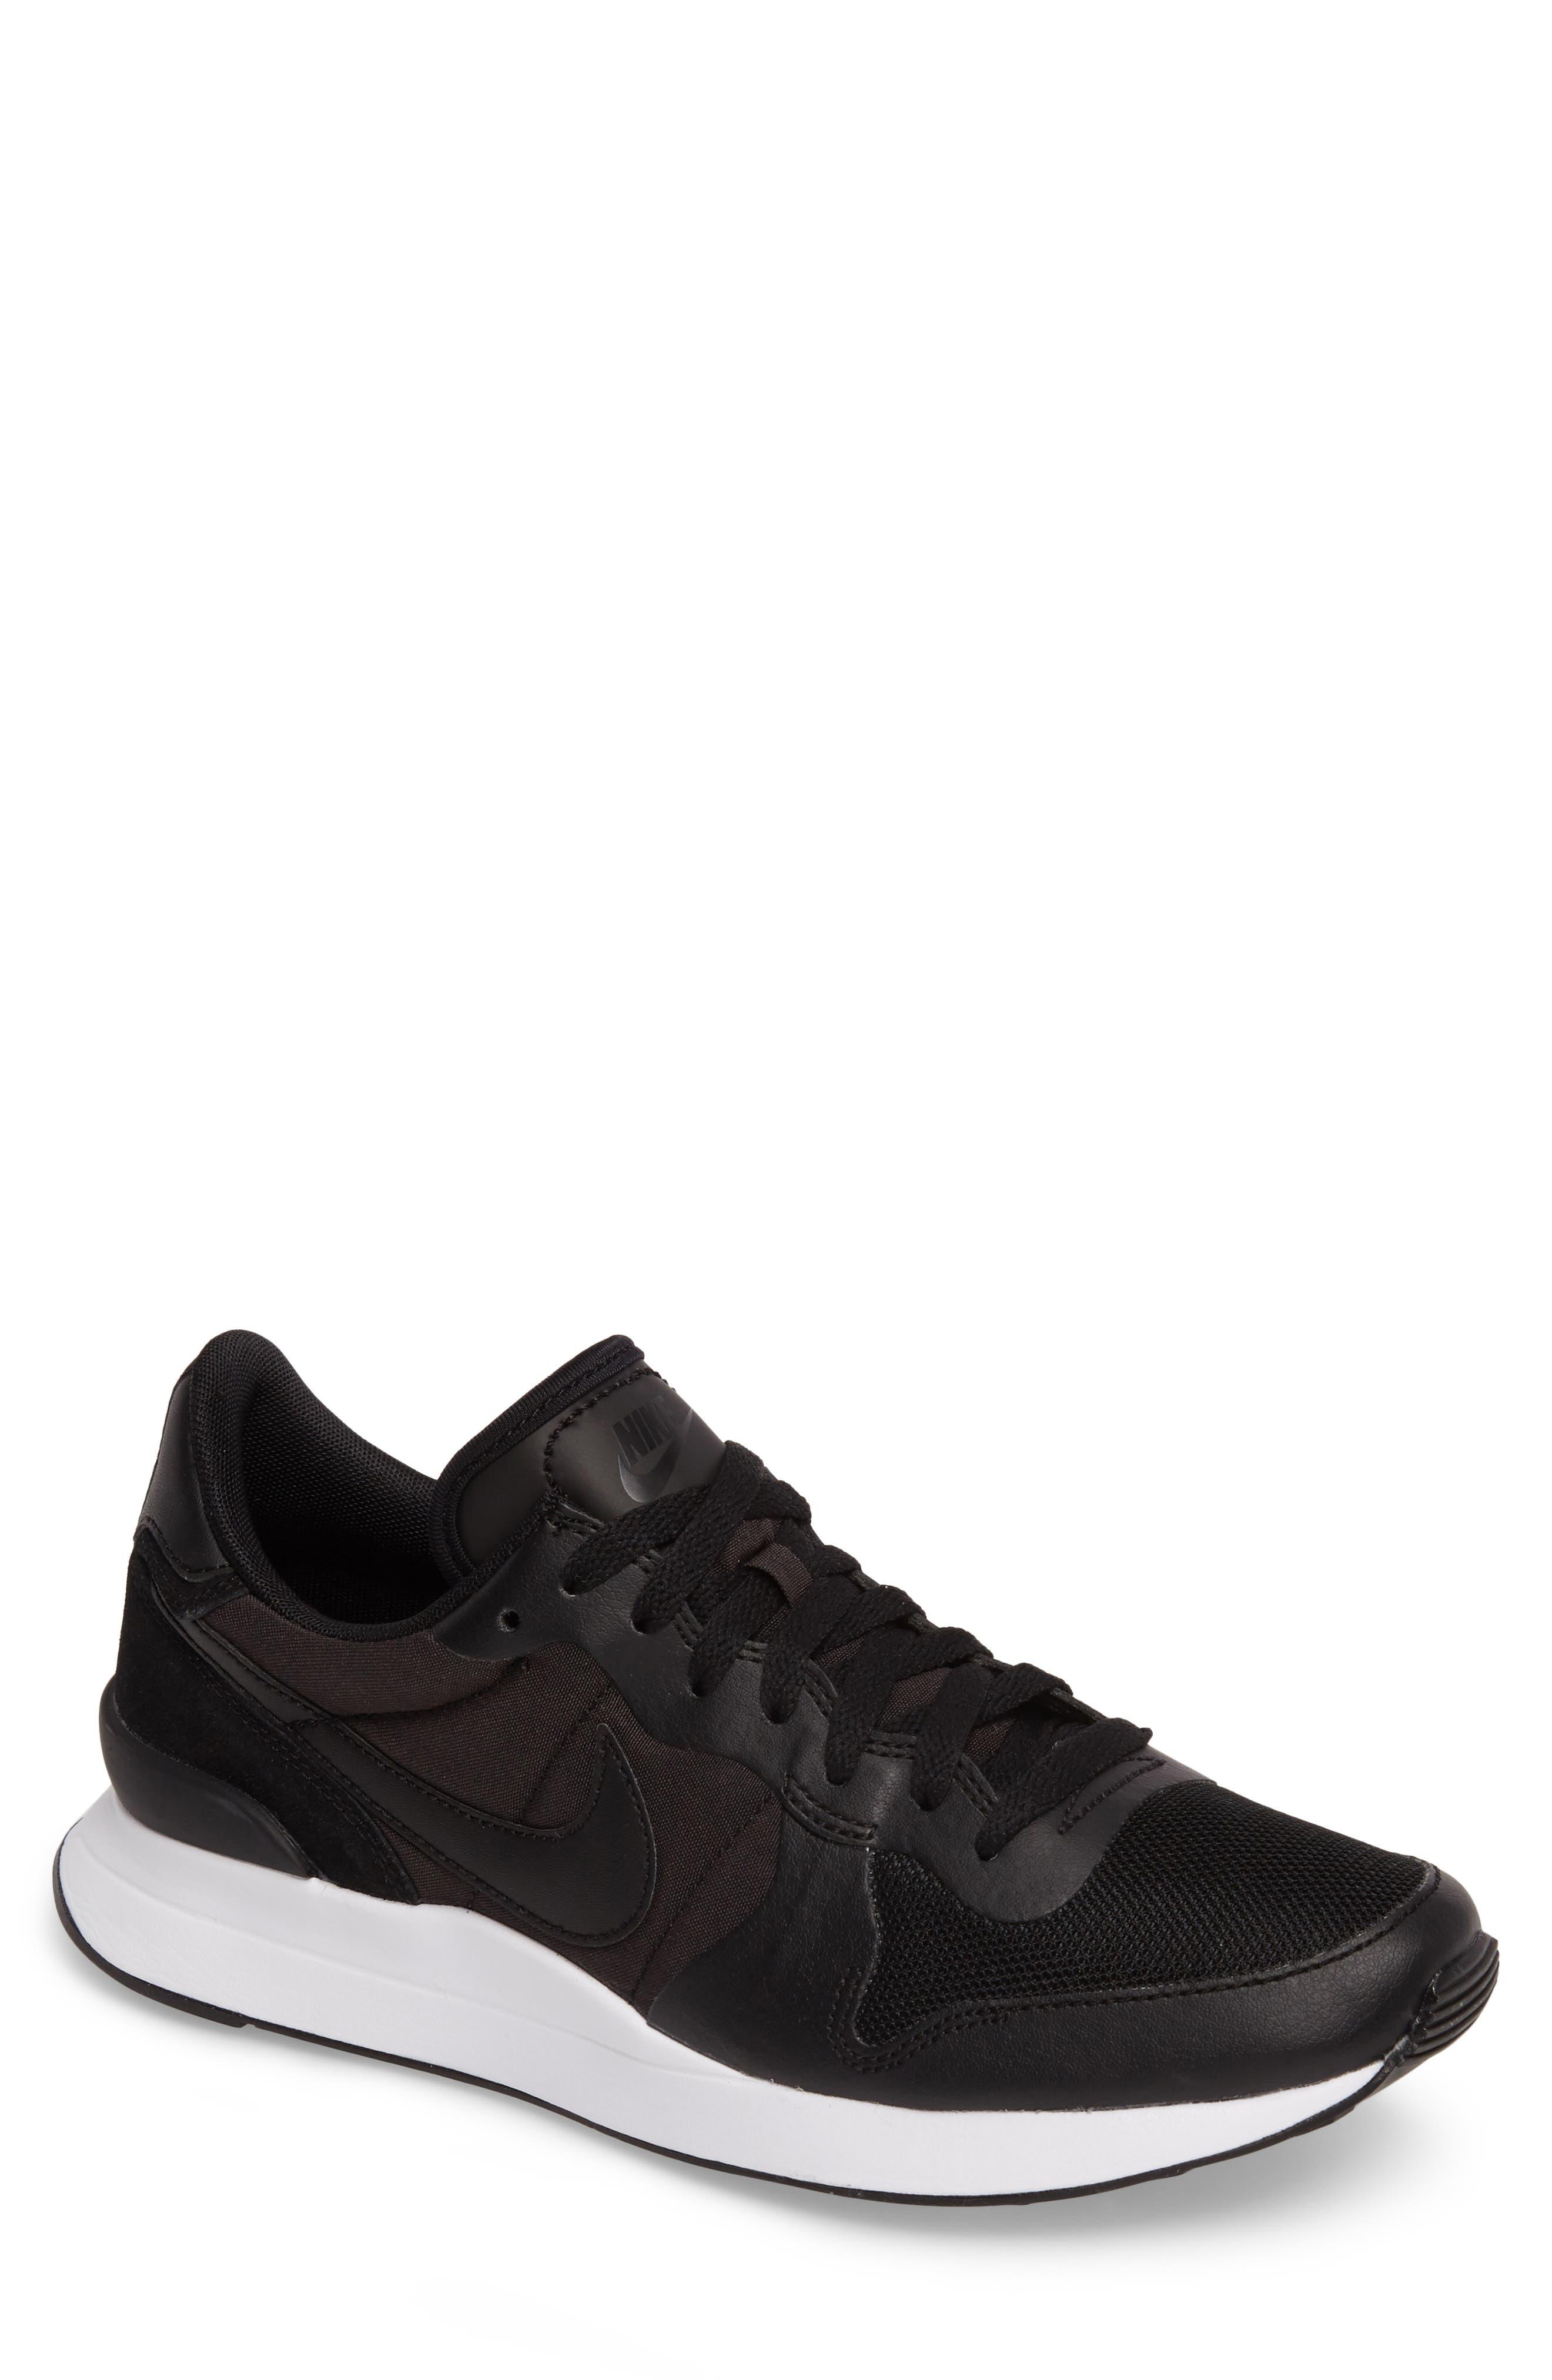 Internationalist LT17 Sneaker,                             Main thumbnail 1, color,                             Black/ Black/ White